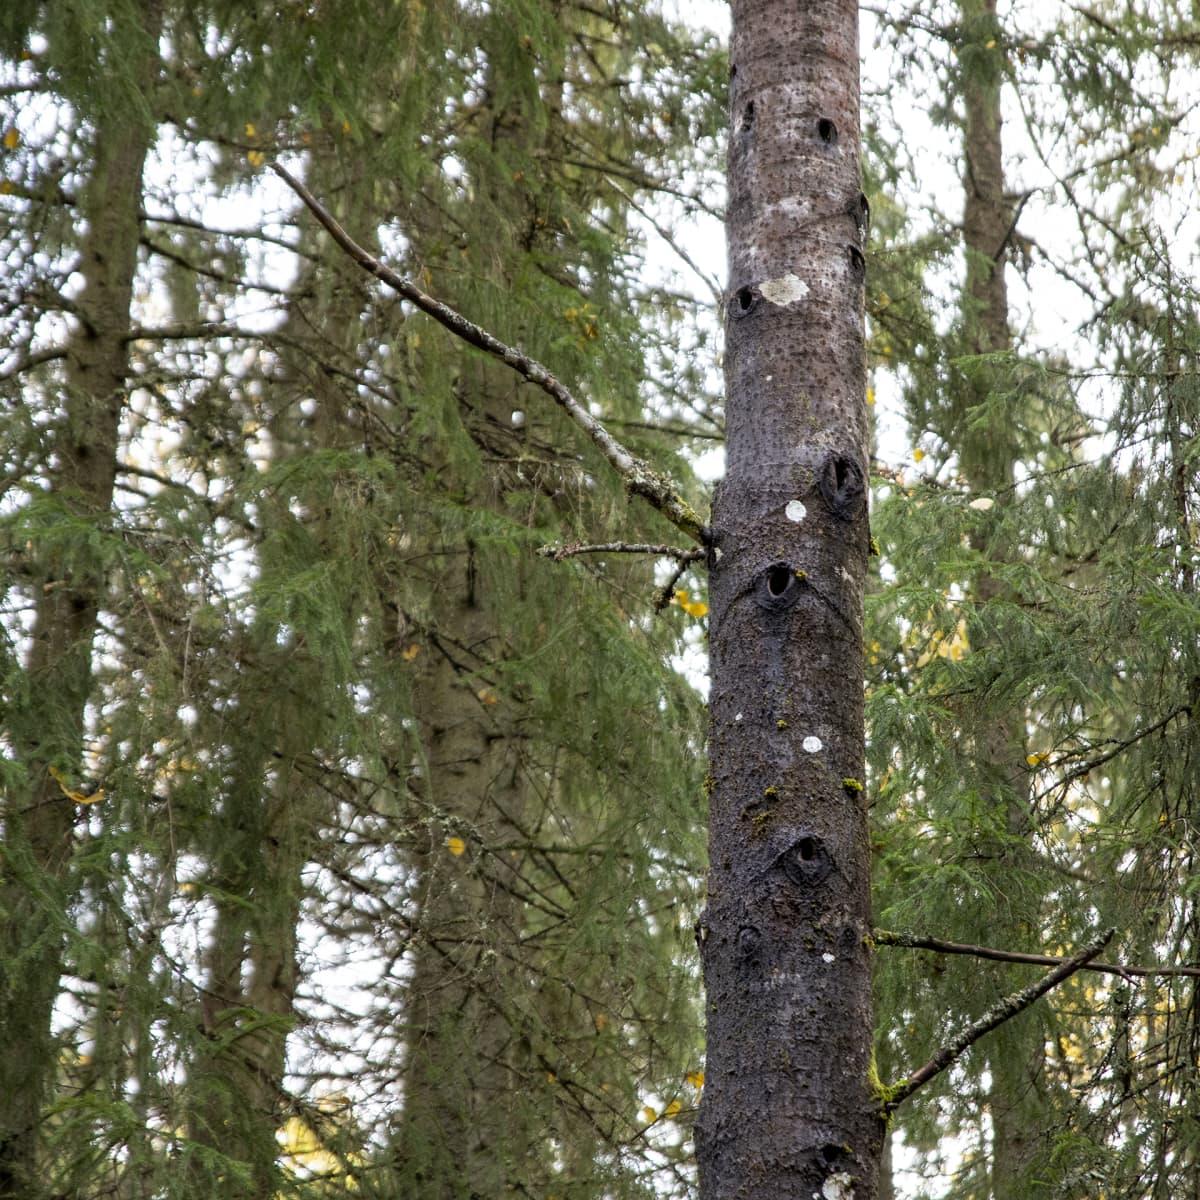 Kolohaapa metsässä: puun rungossa on monia suuria koloja.